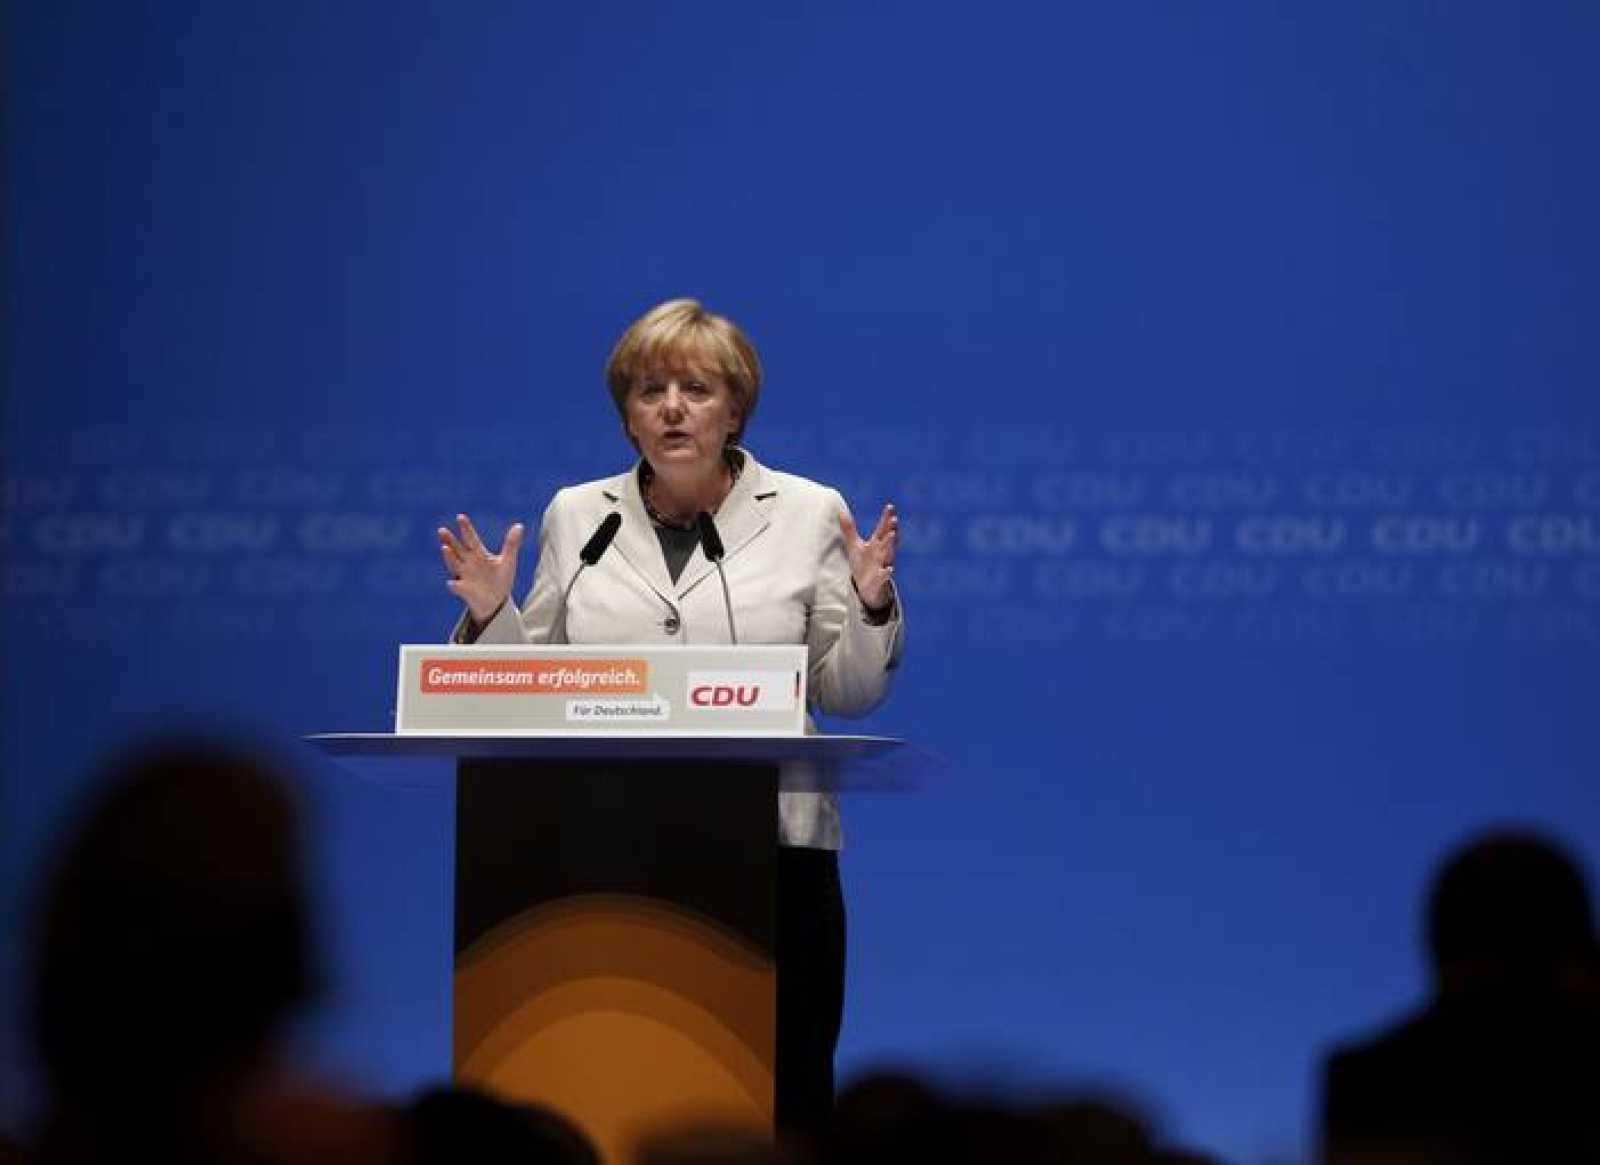 La canciller alemana, Angela Merkel, durante un acto de campaña electoral de la Unión Demócrata Cristiana de Alemania (CDU).